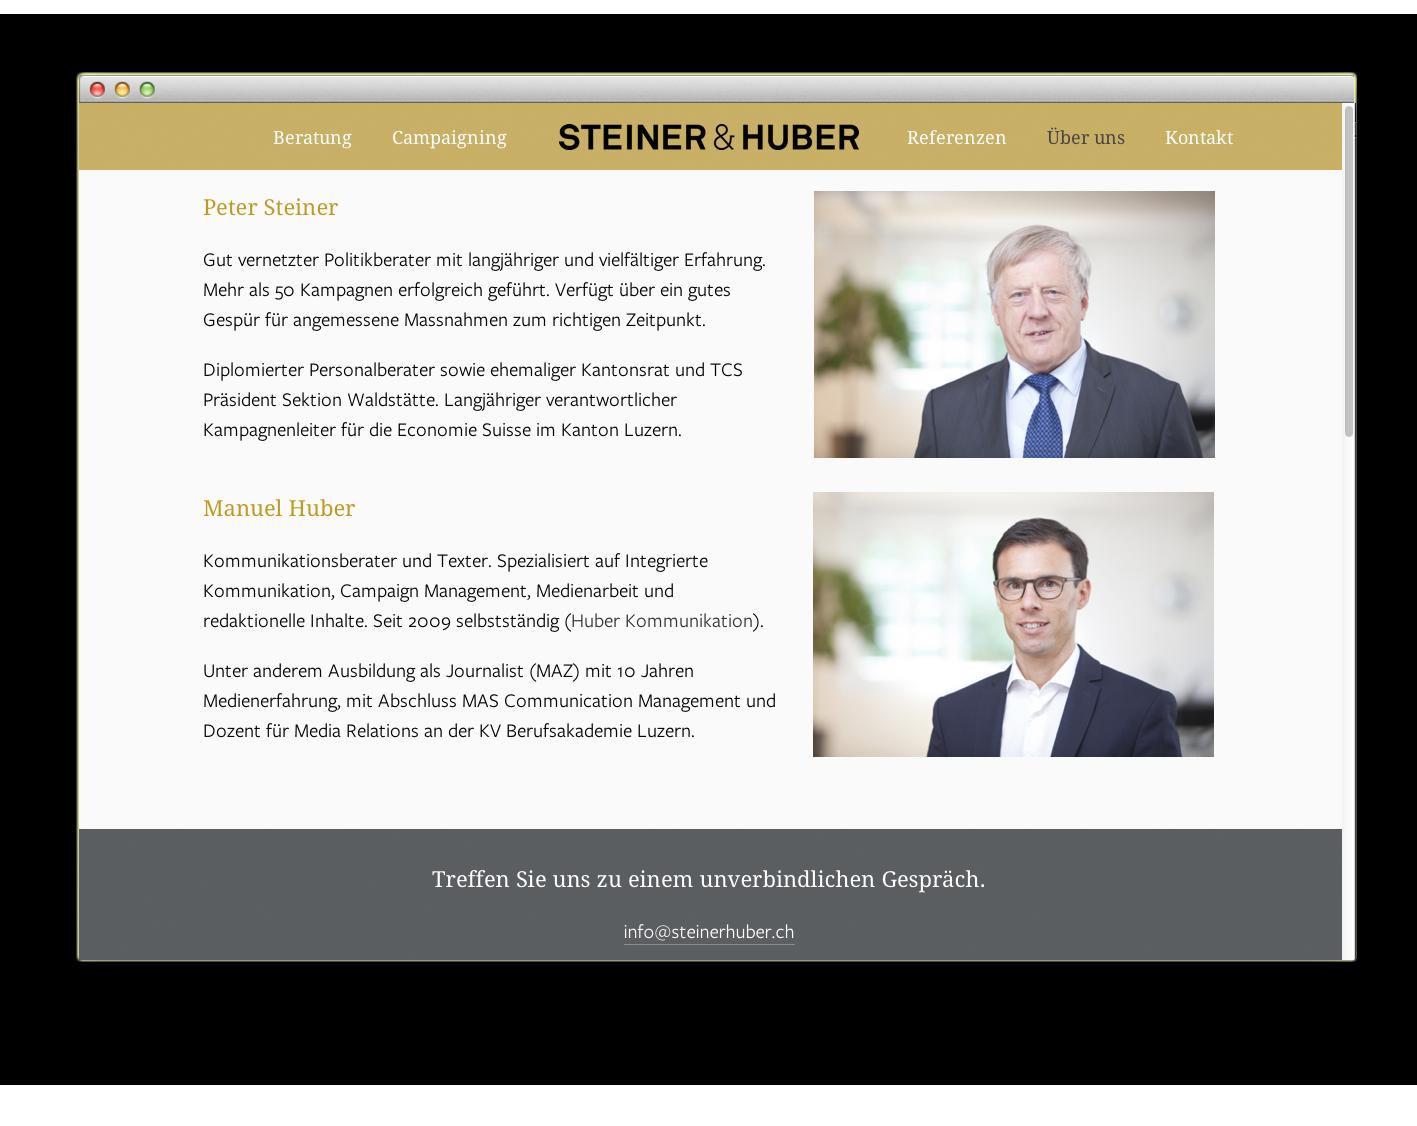 www.steinerhuber.ch